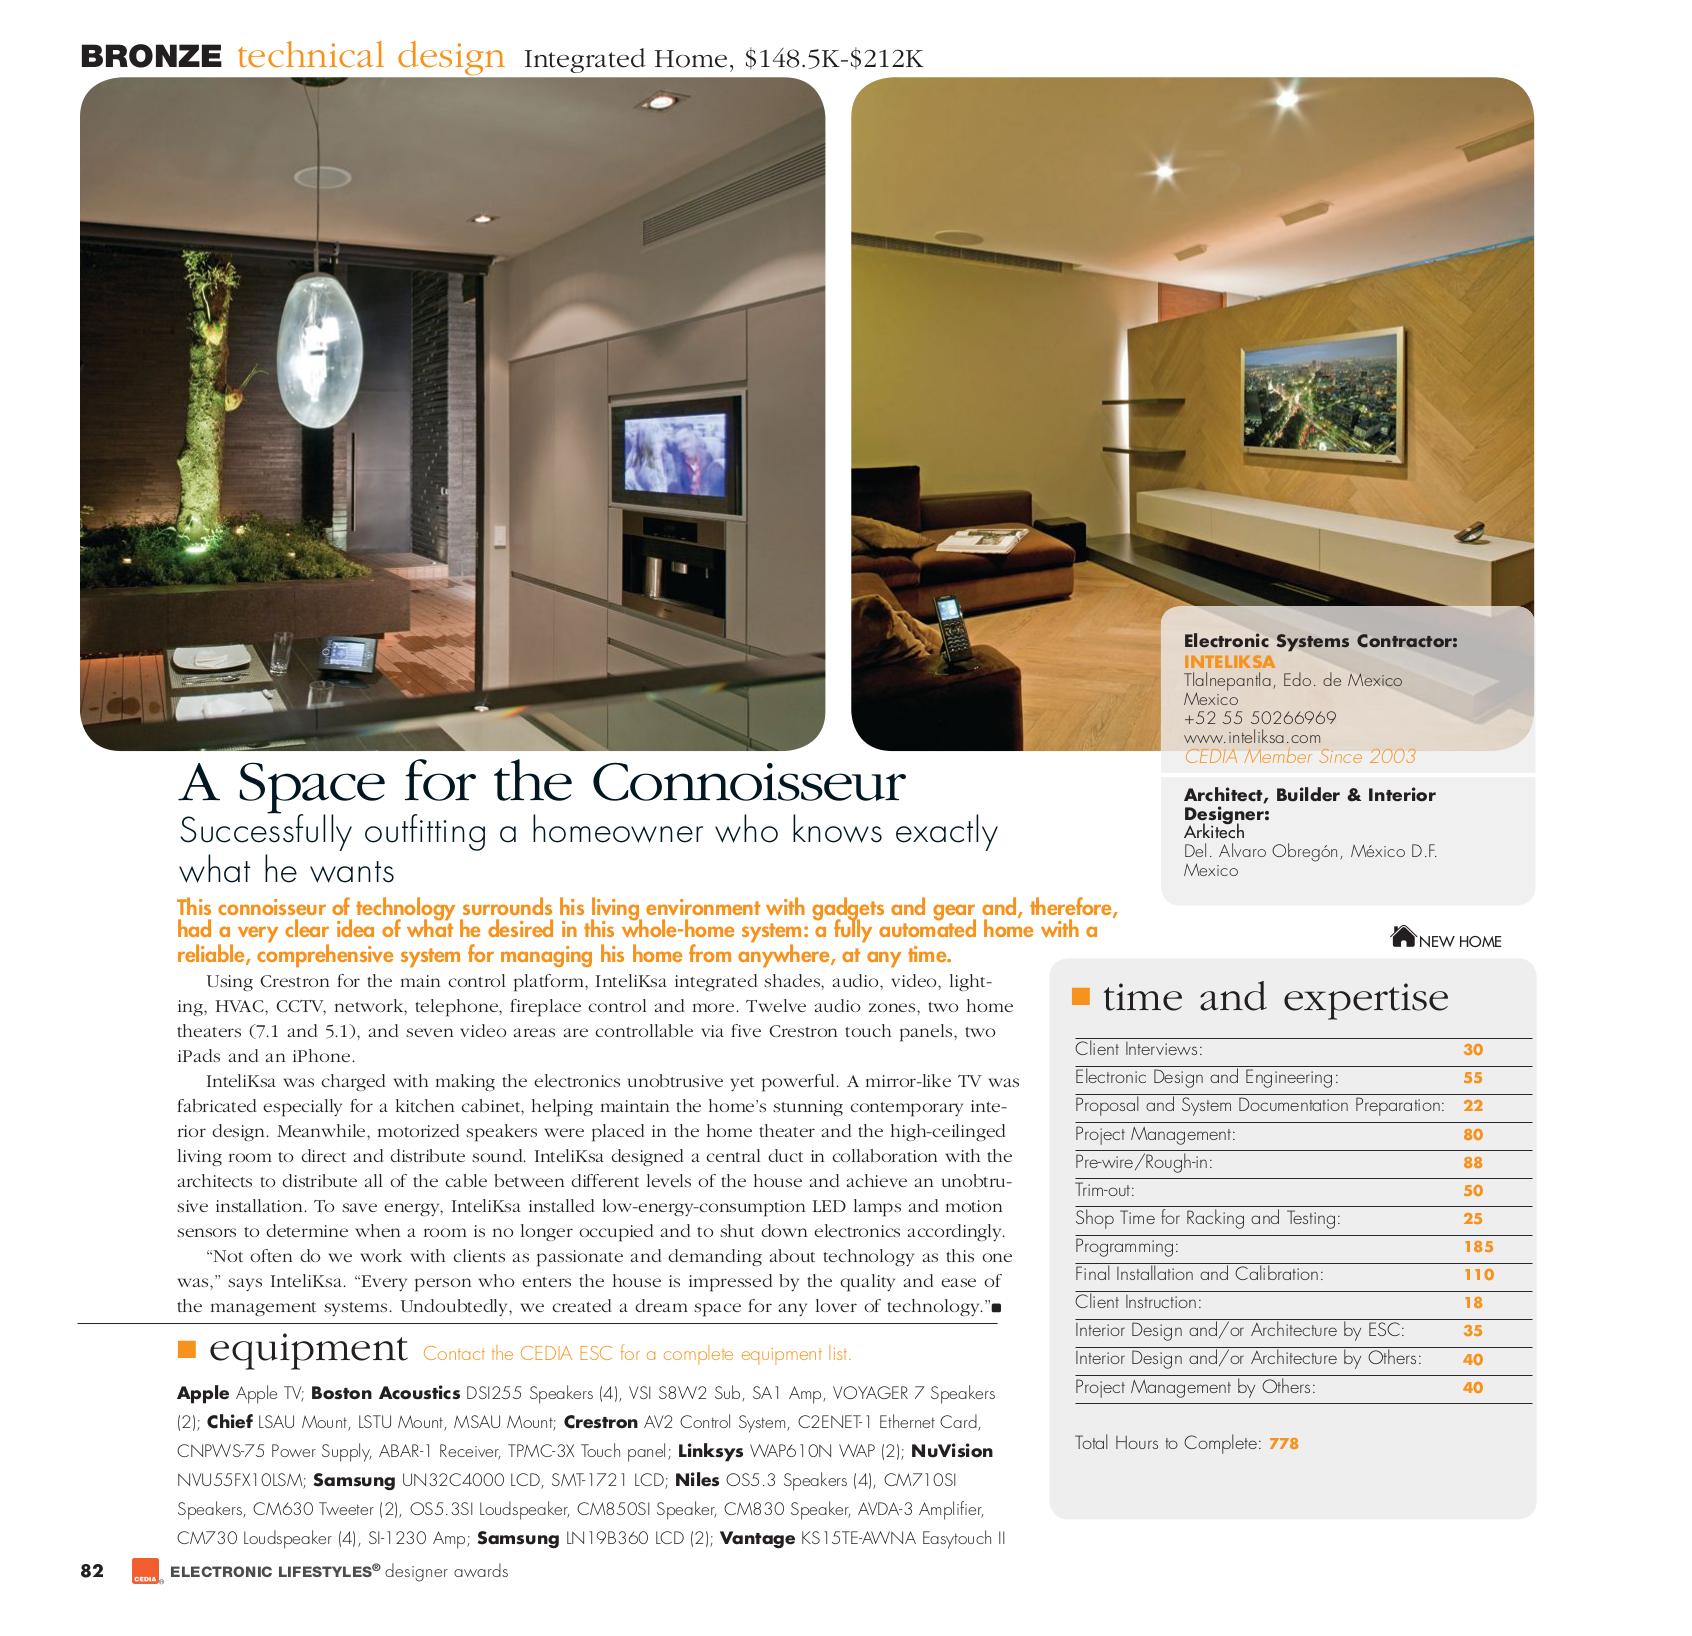 pdf for Niles Speaker CM850Si manual